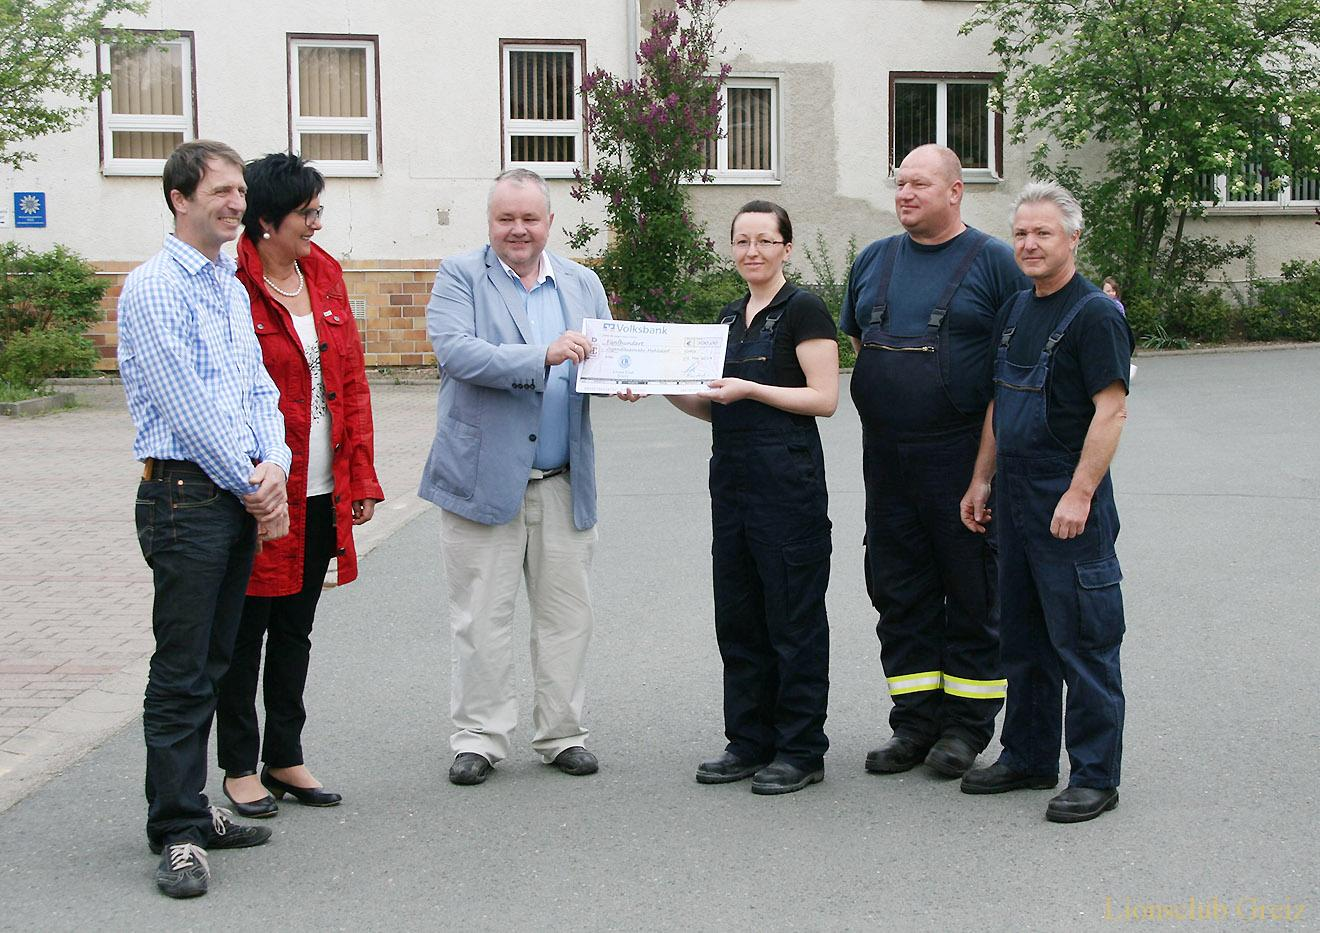 Lionsclub Greiz übergab am 1. Mai 2014 eine Spende in Höhe von 500 Euro für die Jugendfeuerwehr.